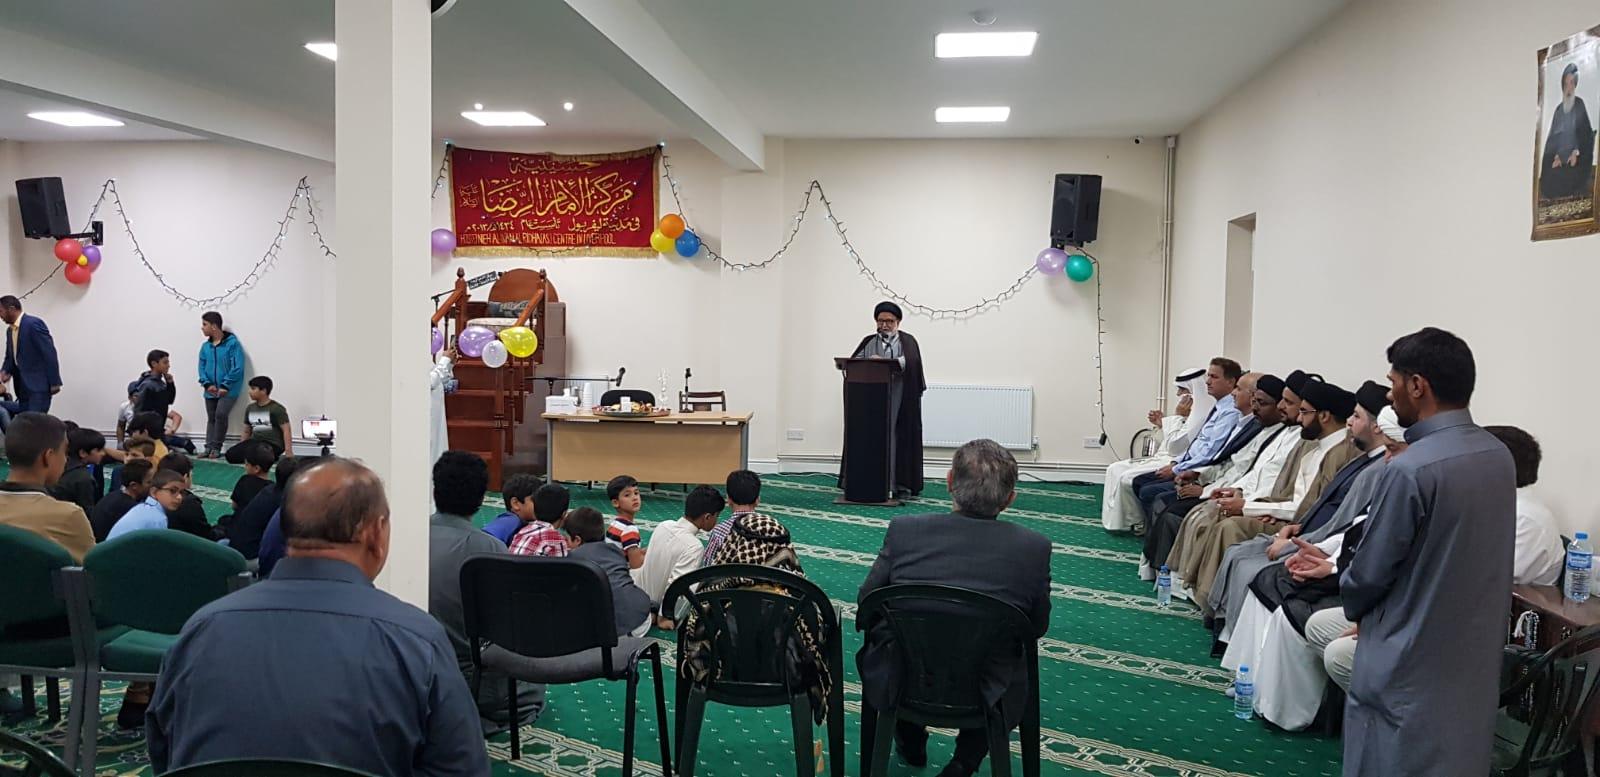 مدرسه امام رضا (ع) در شهر لیورپول انگلیس افتتاح شد